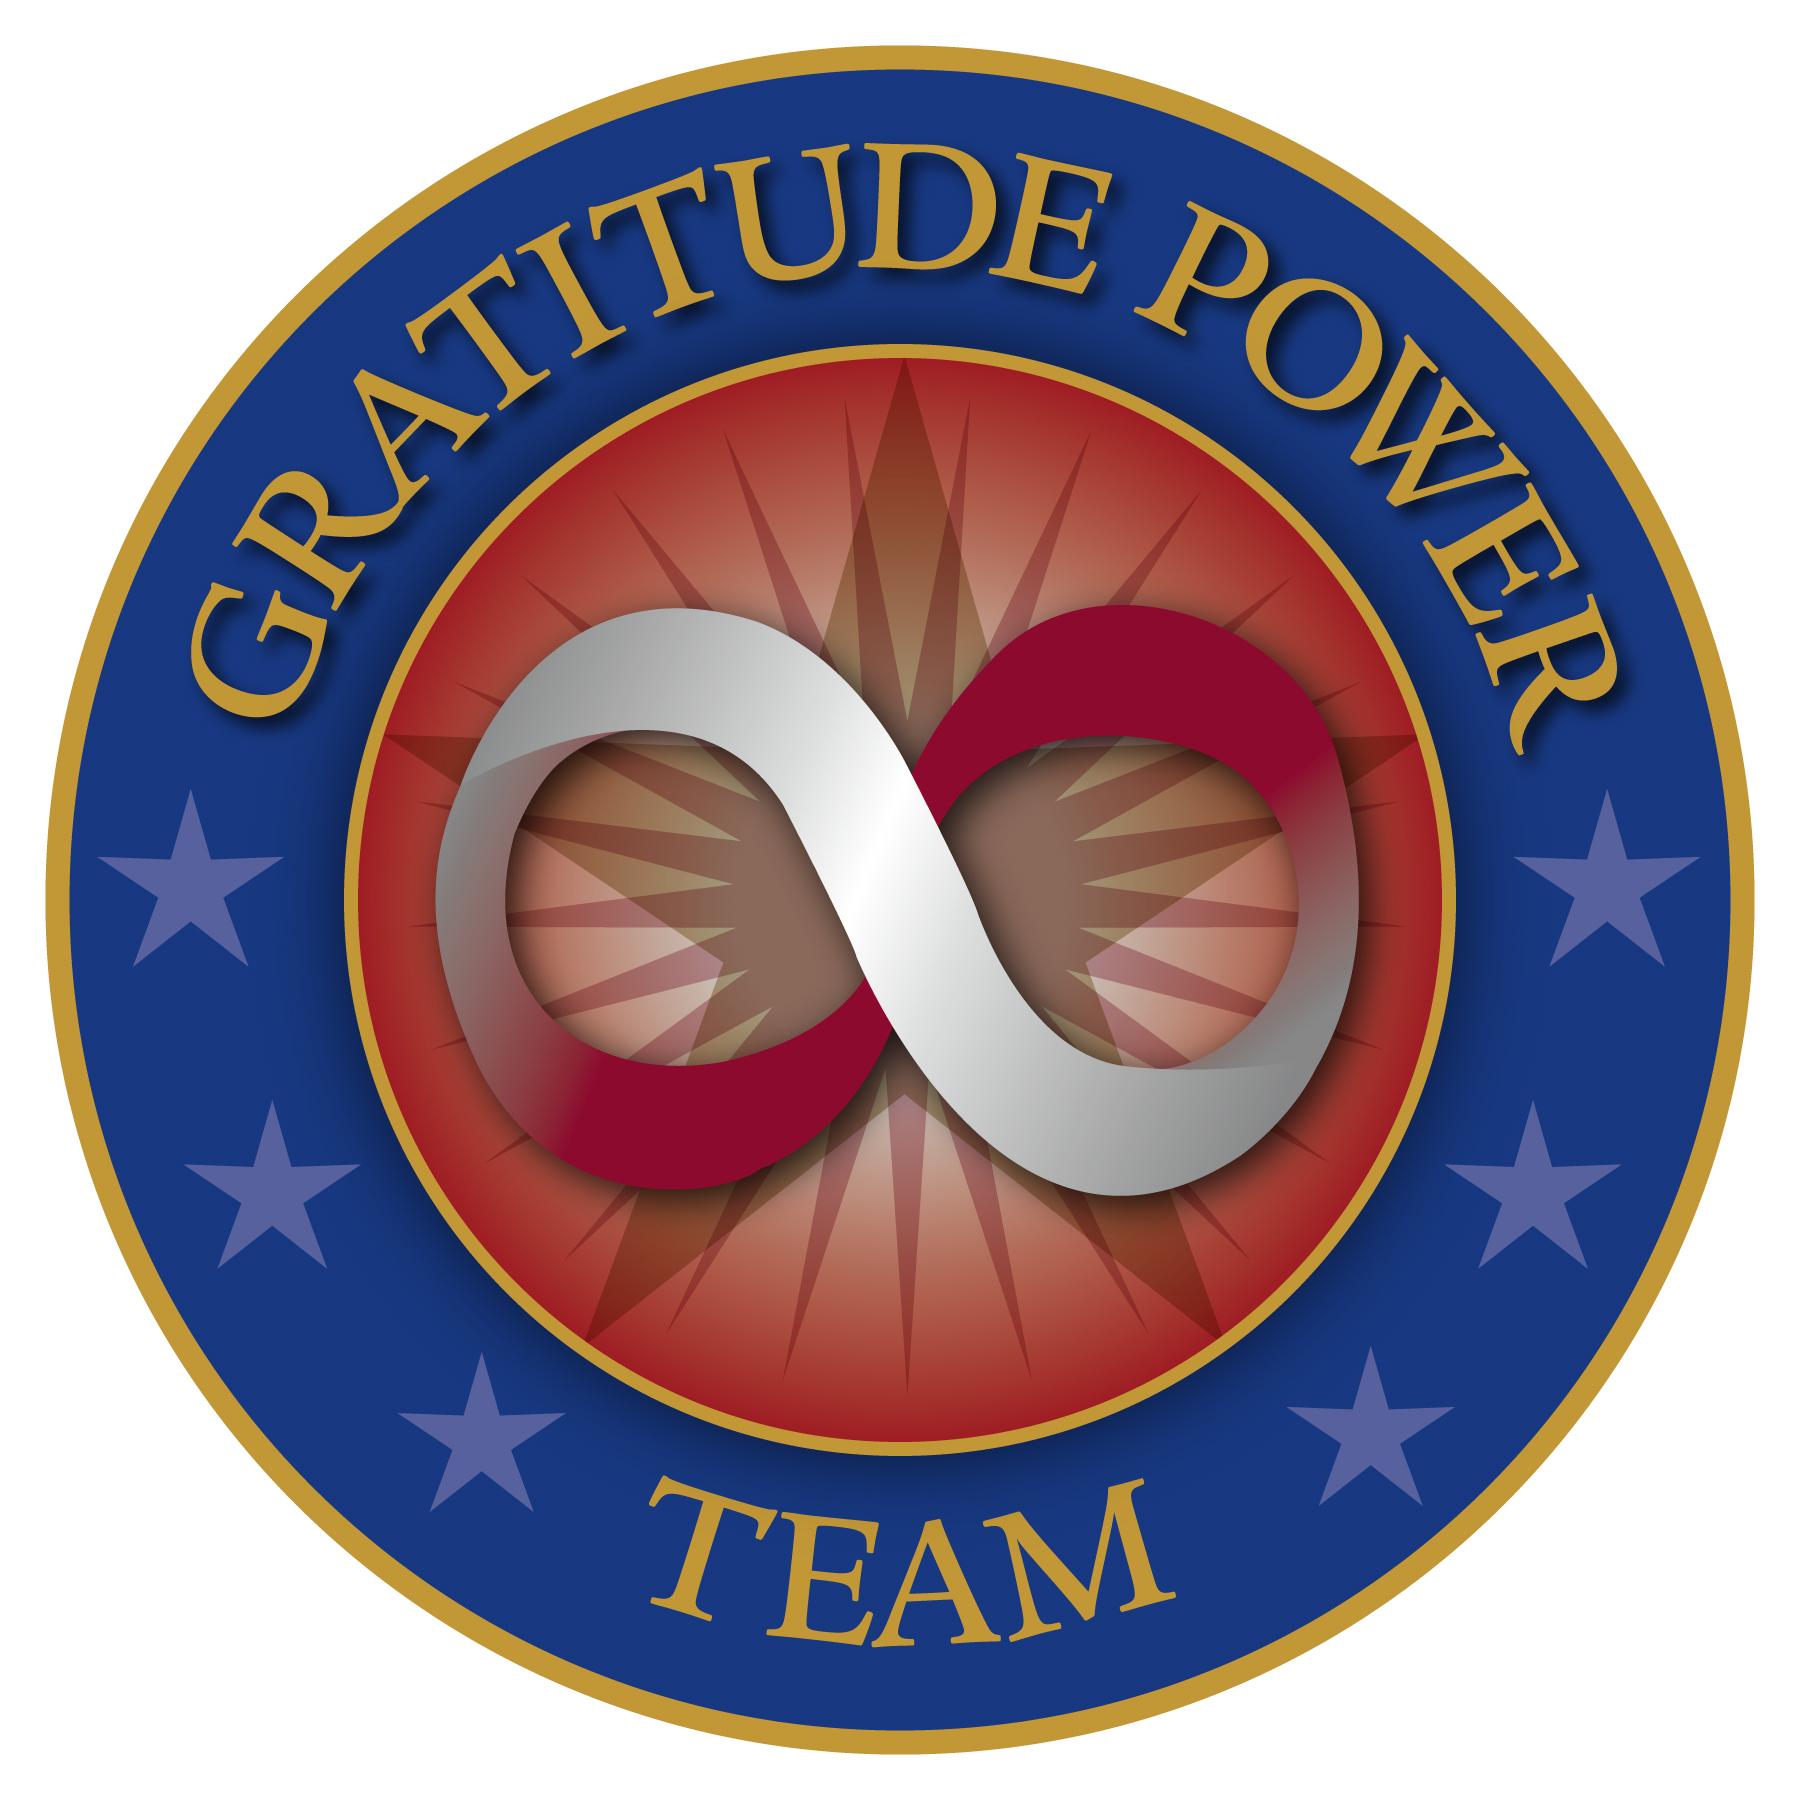 The Gratitude Power Team